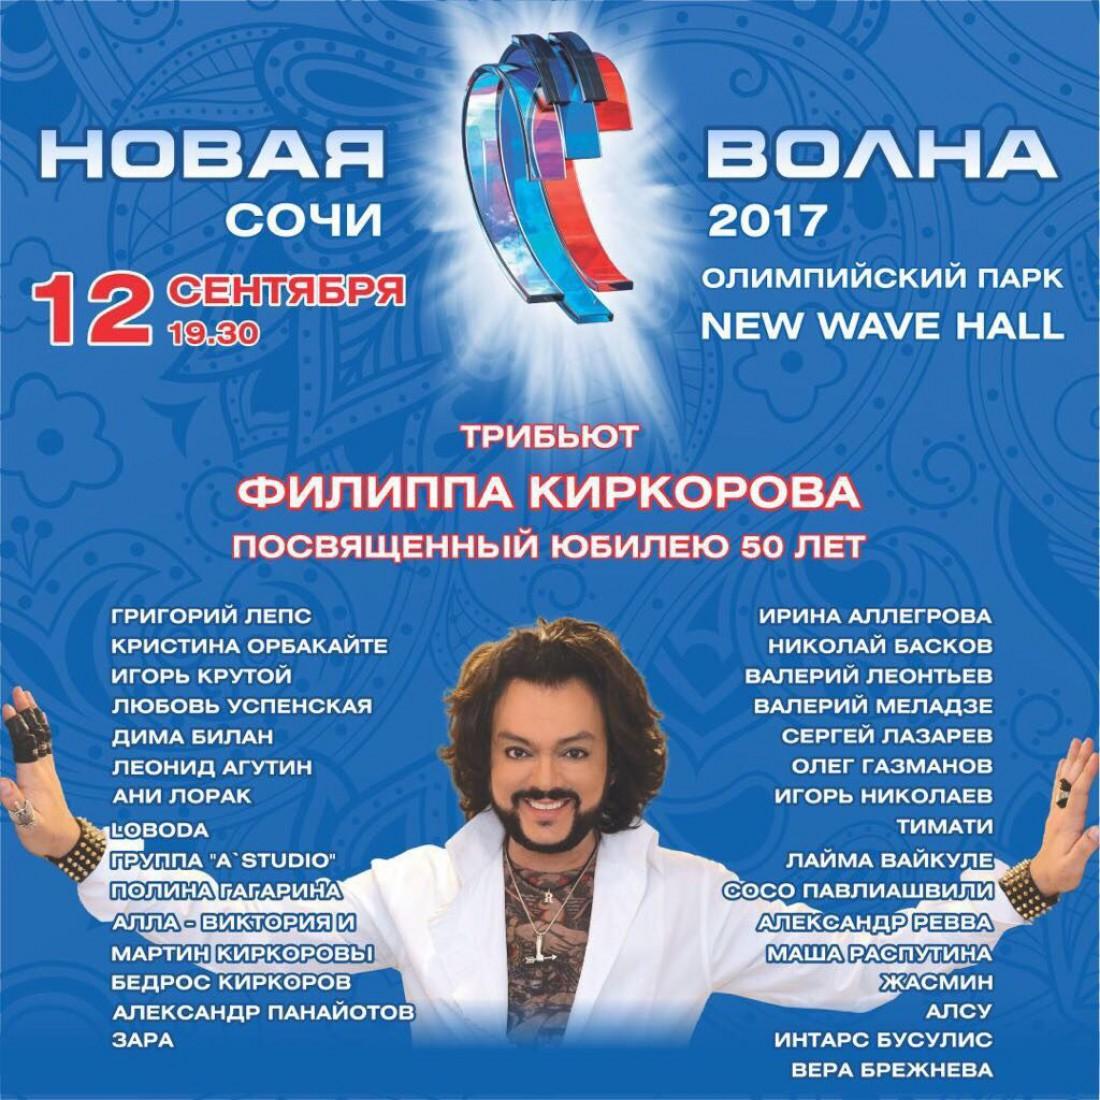 Новая волна 2017: концерт Филиппа Киркорова